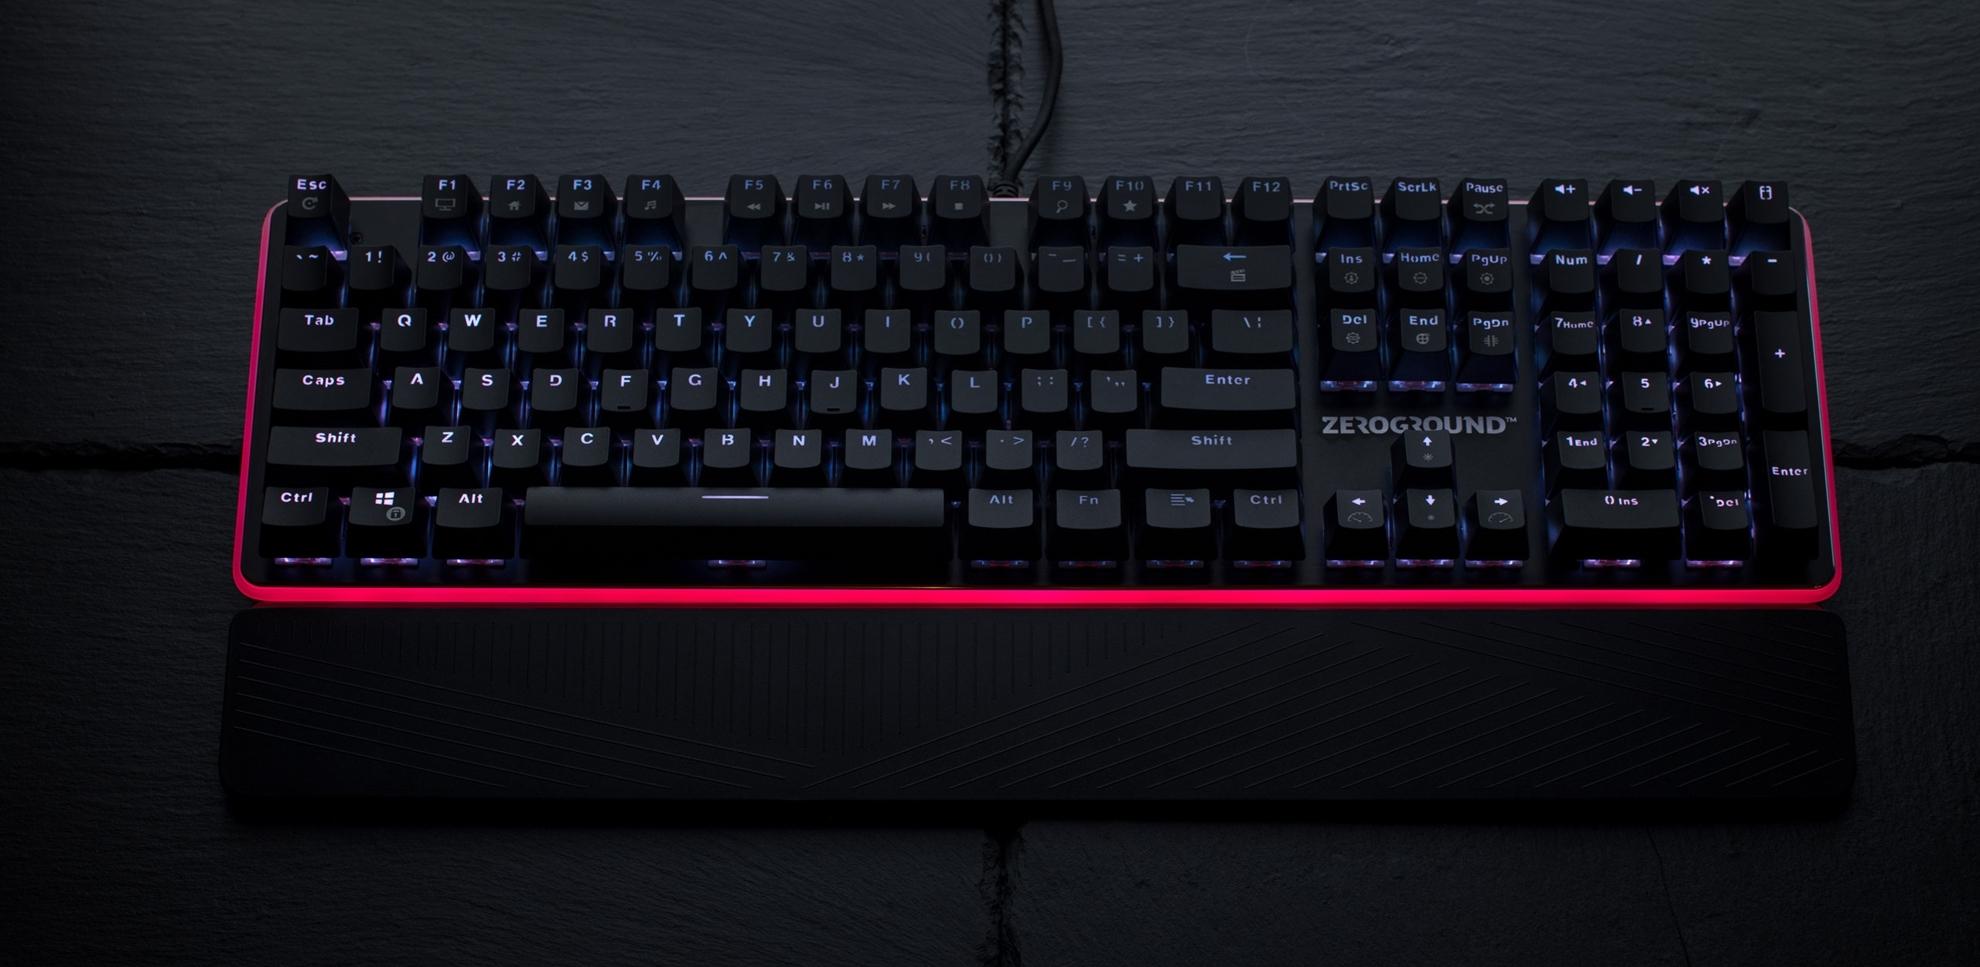 ZeroGround Satomi - Gaming keyboard